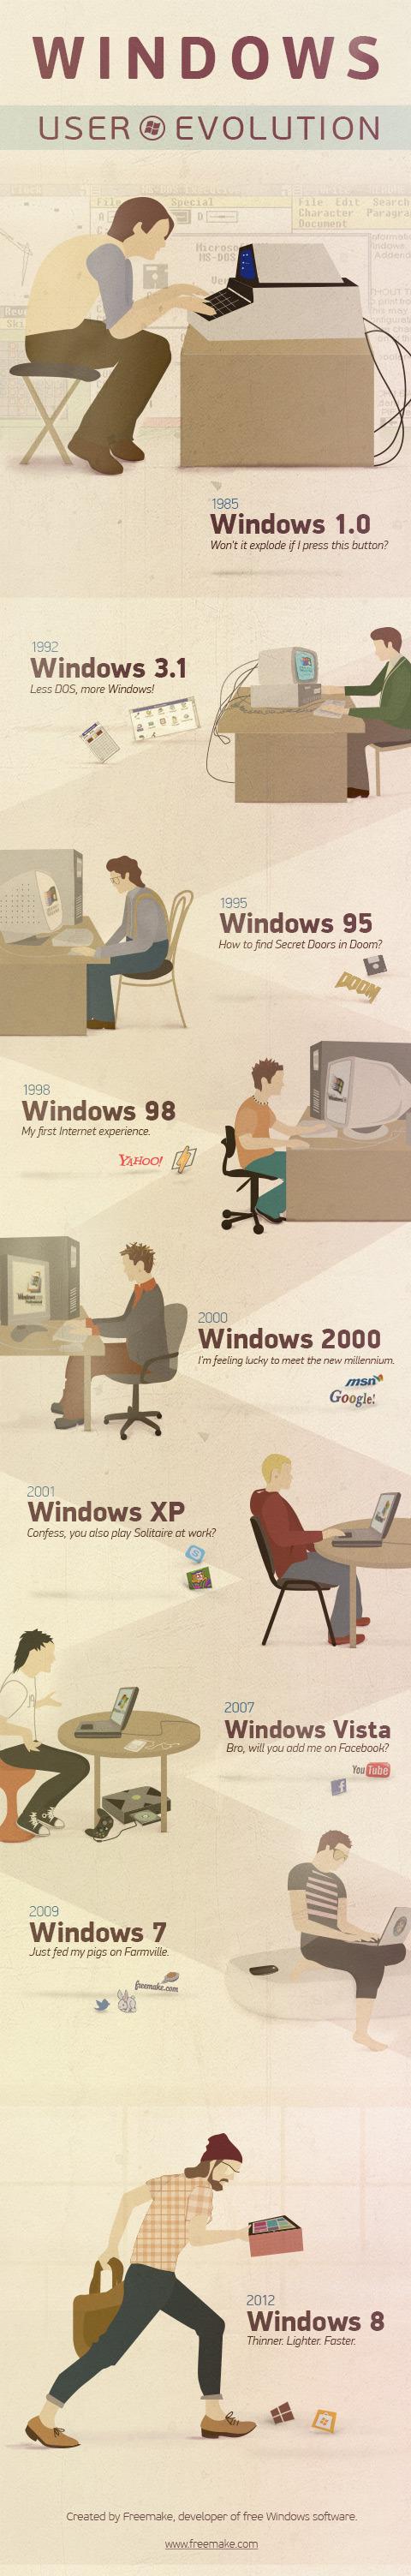 インフォグラフィック:Windowsの歴史と進化。マイクロソフト創業者は未来を予知する